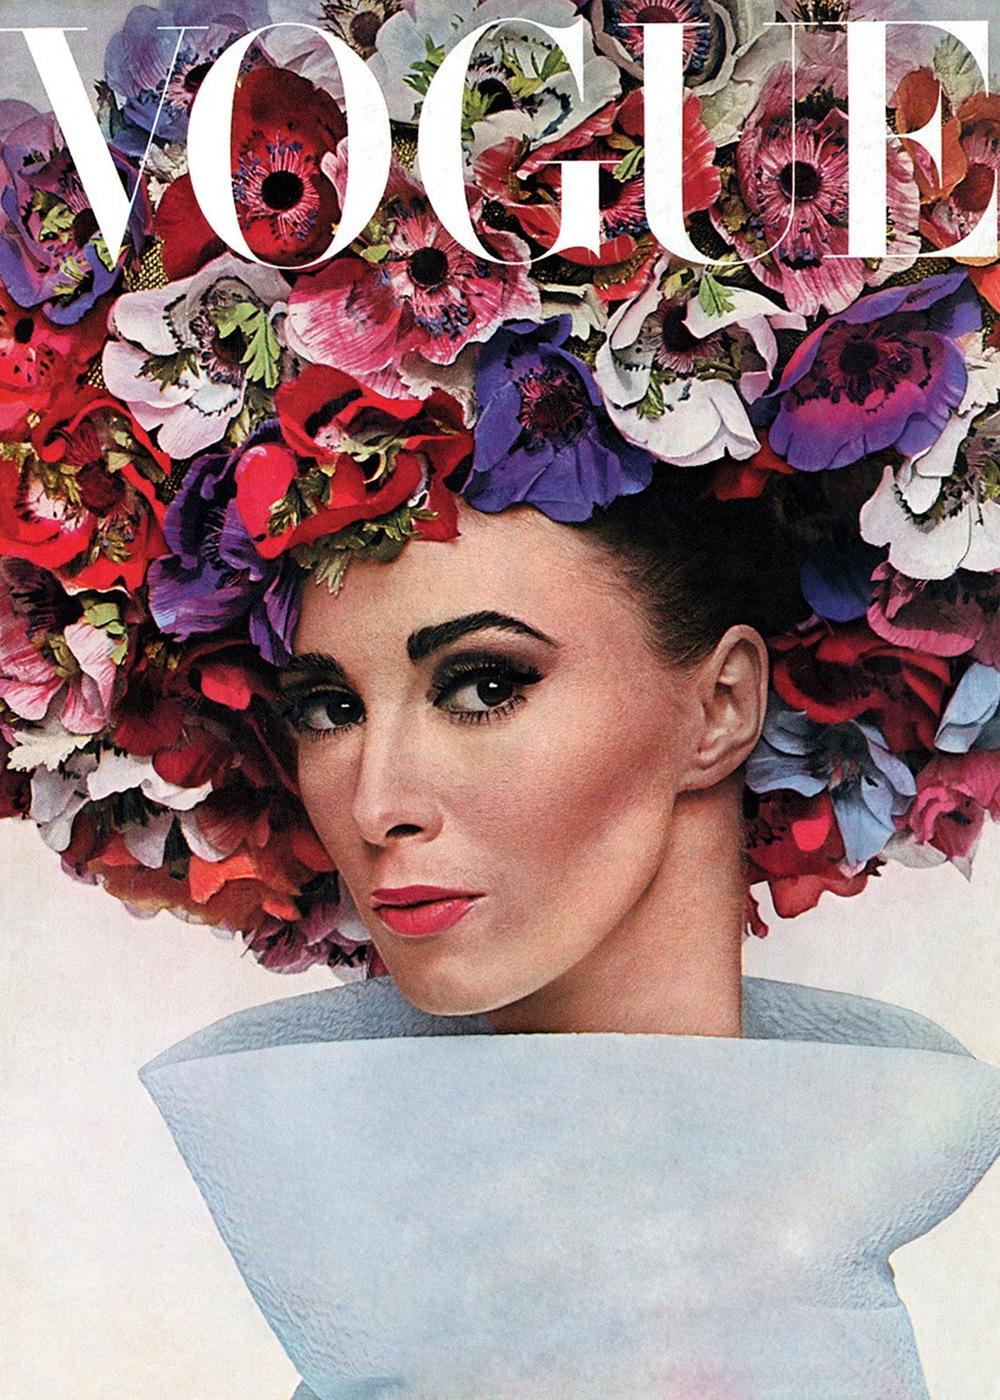 Vogue,February 1, 1964